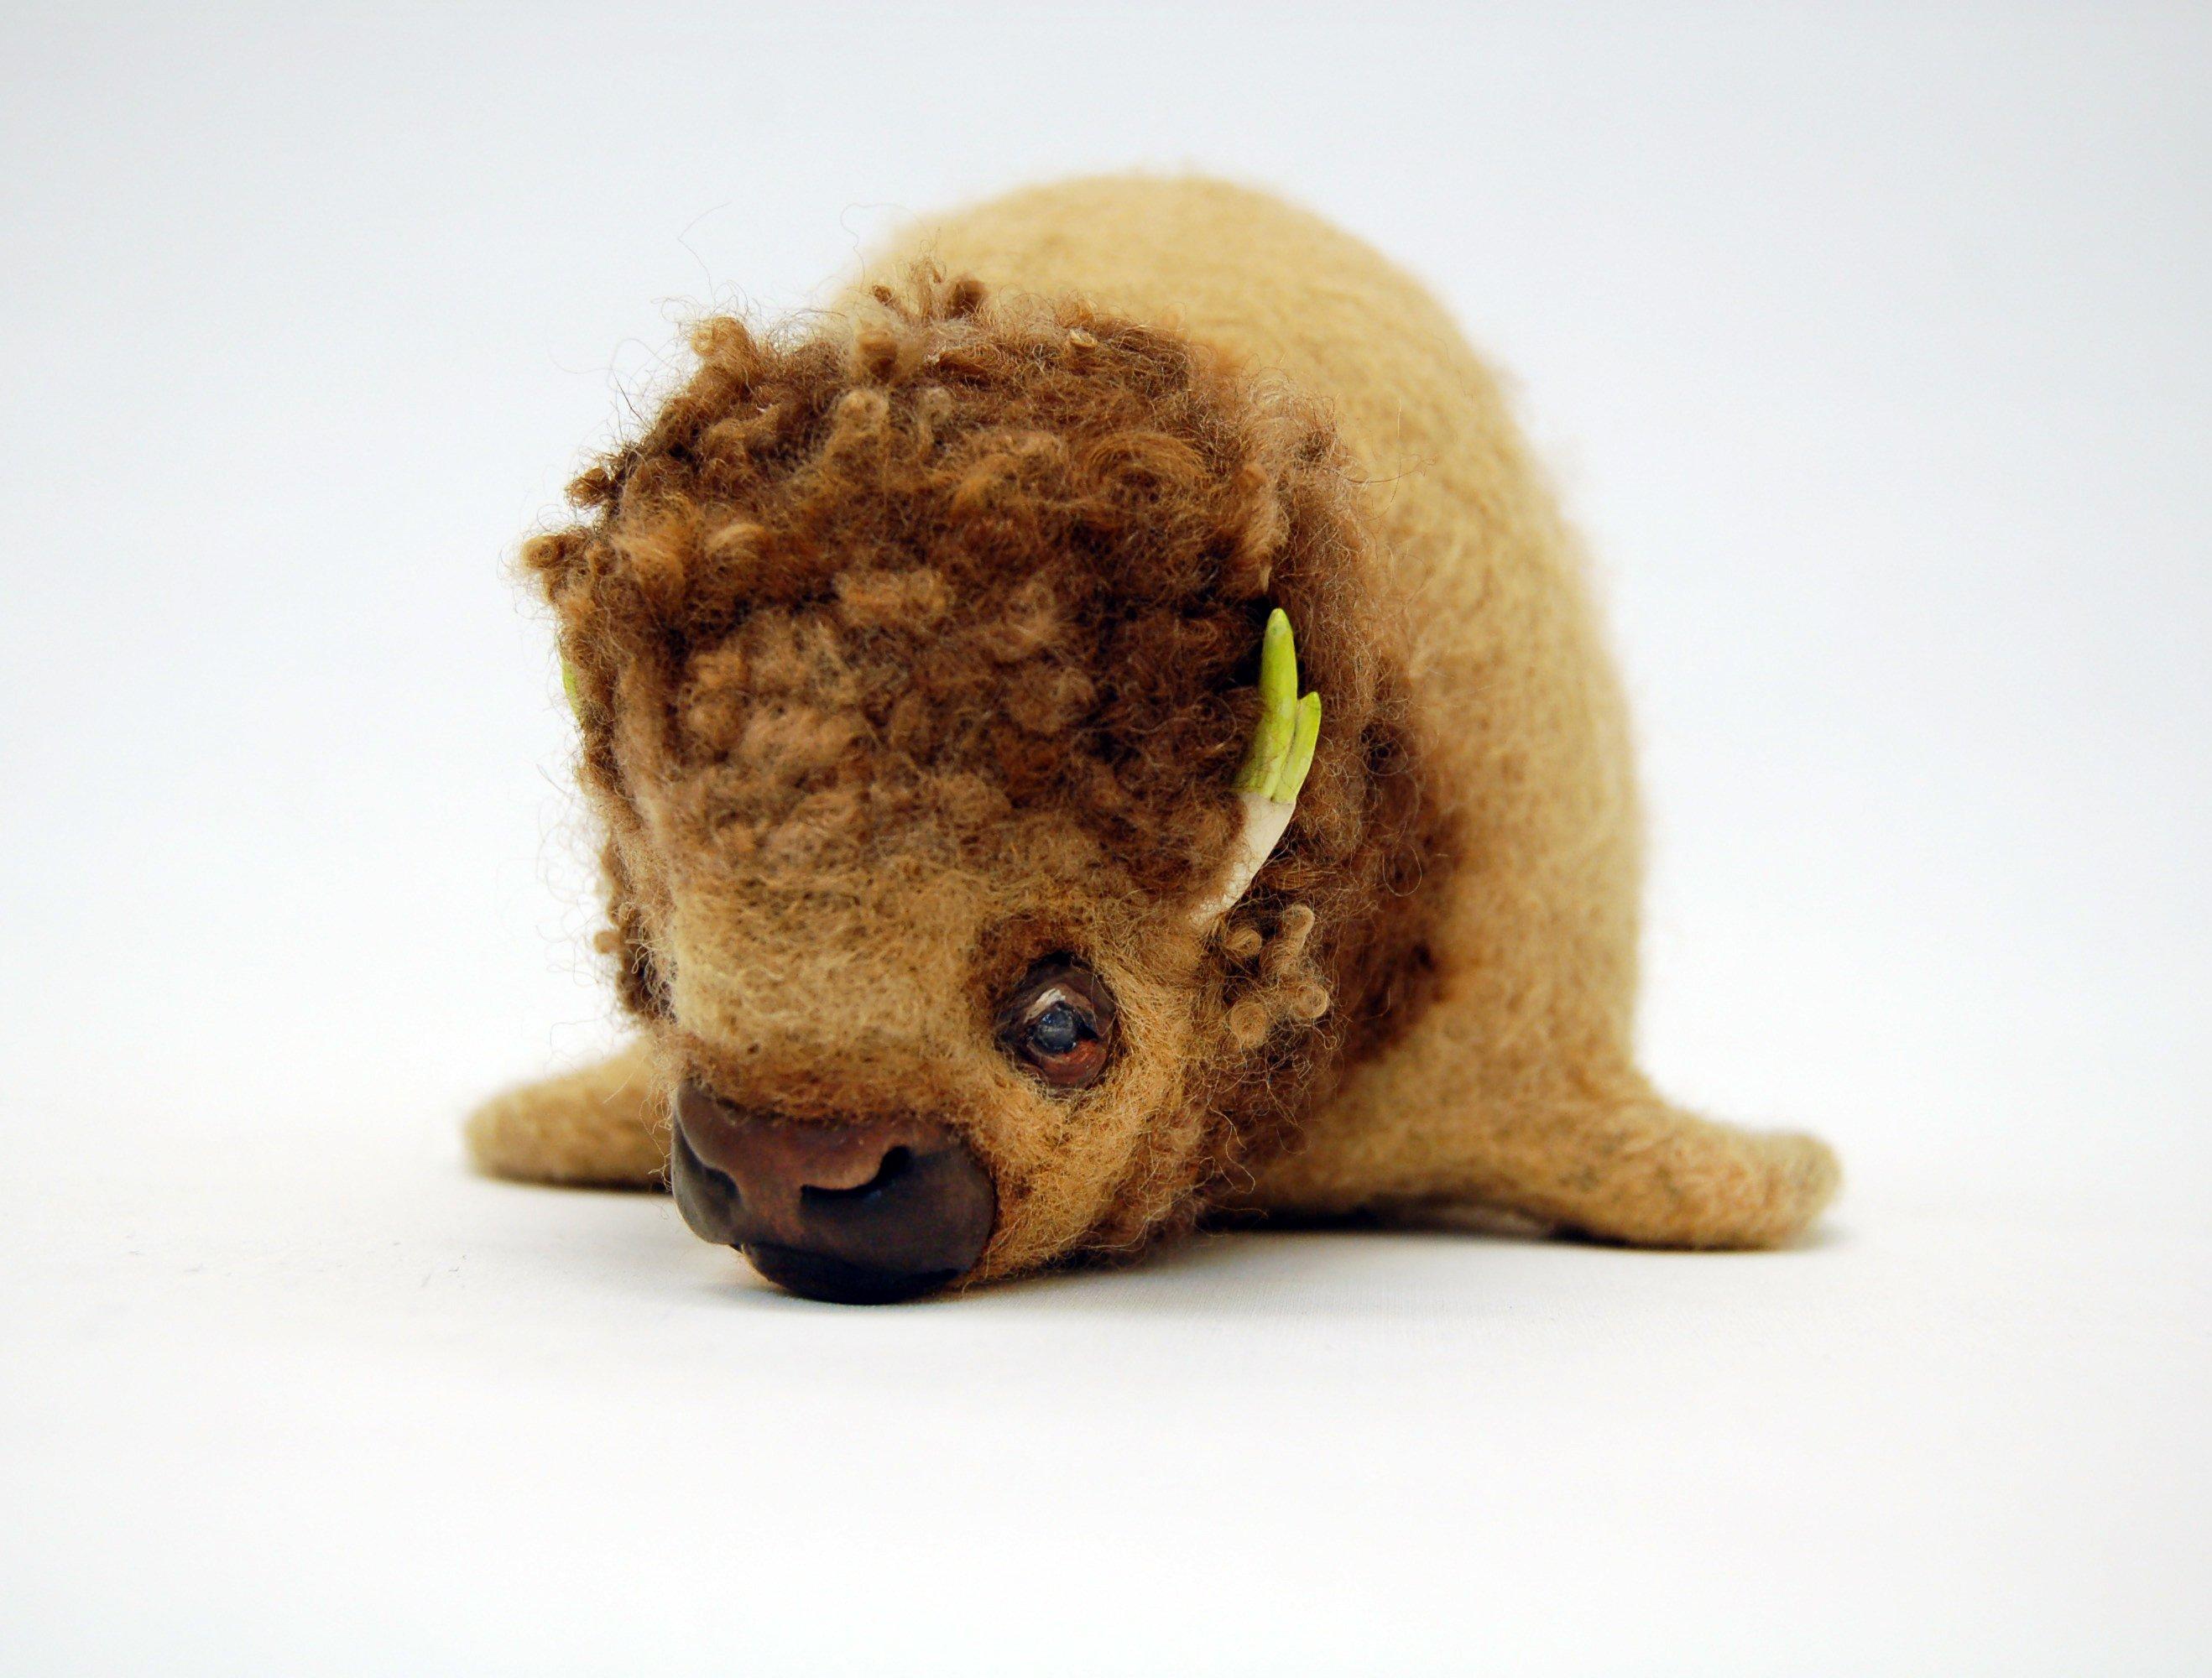 Buffalump - animal metamorphosis sculpture - Karina Kalvaitis